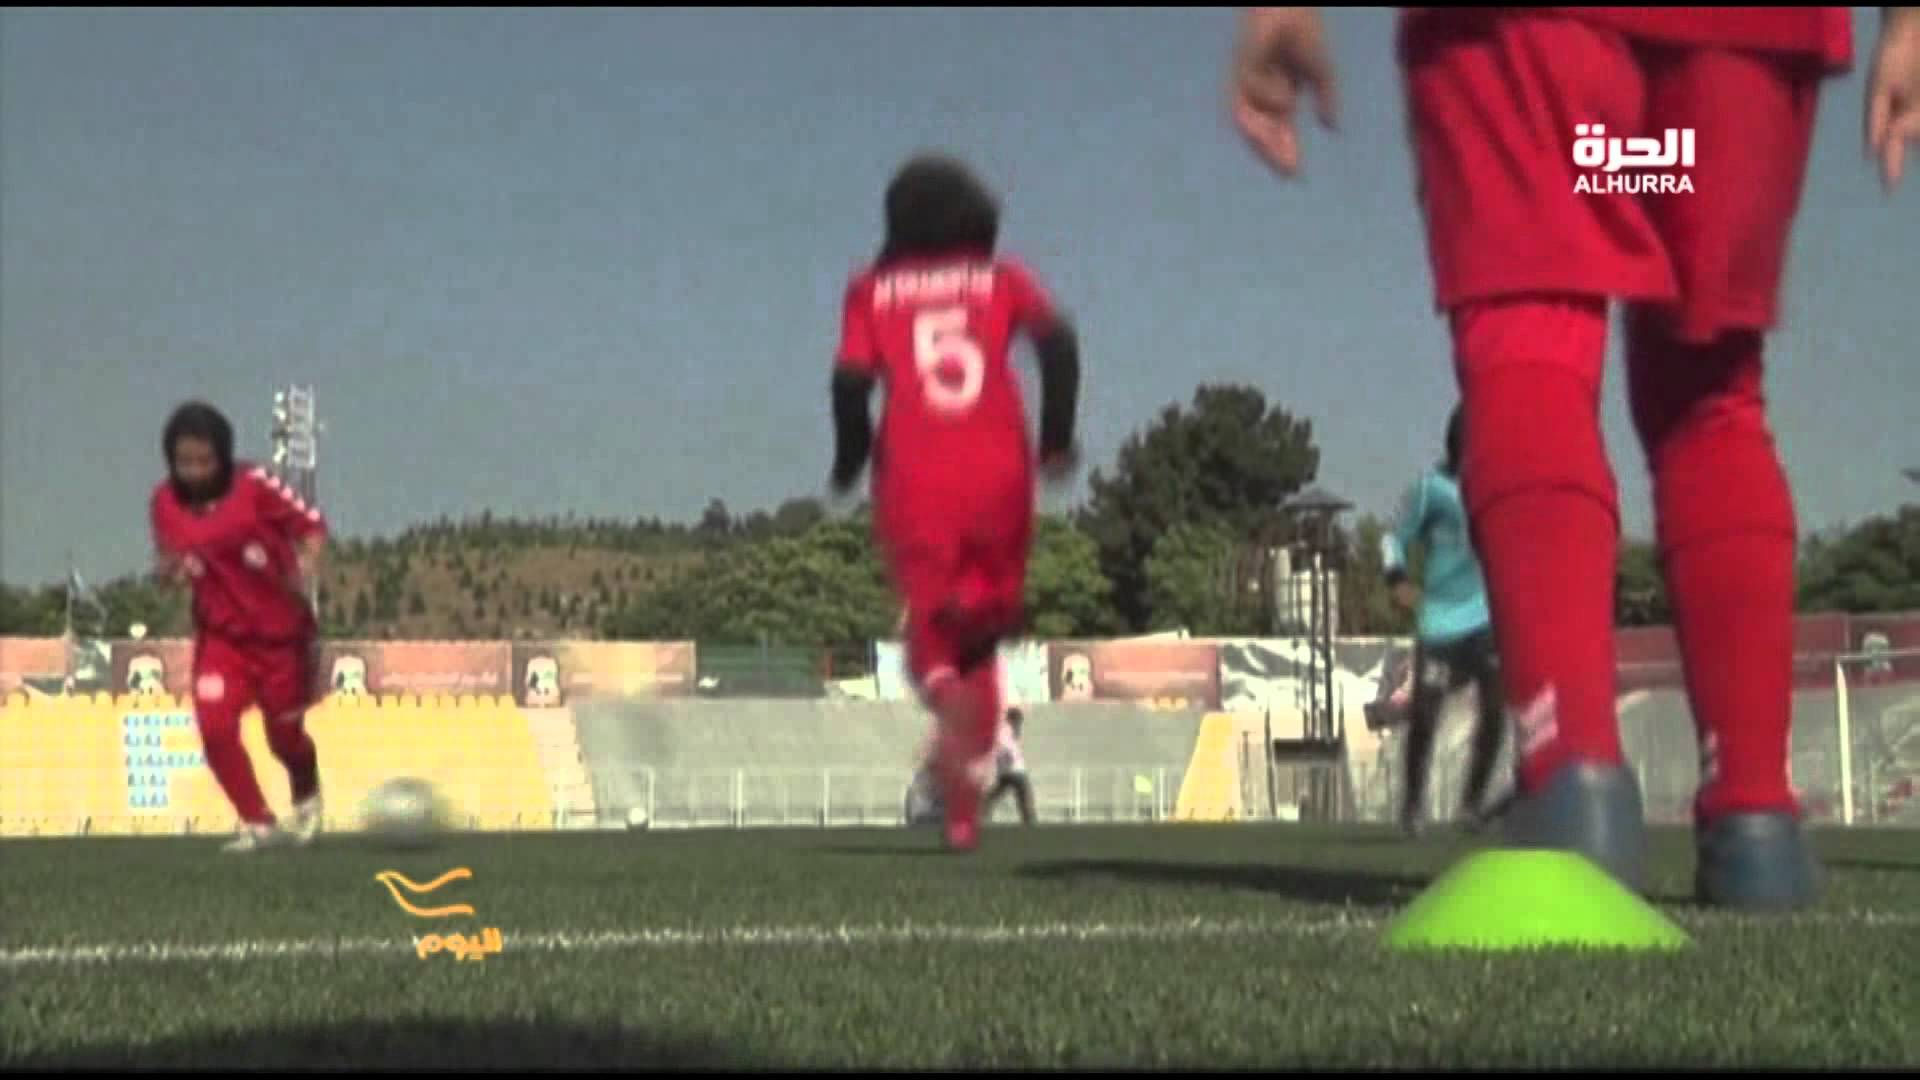 منع النساء من حضور مباريات الكرة في إيران والسعودية